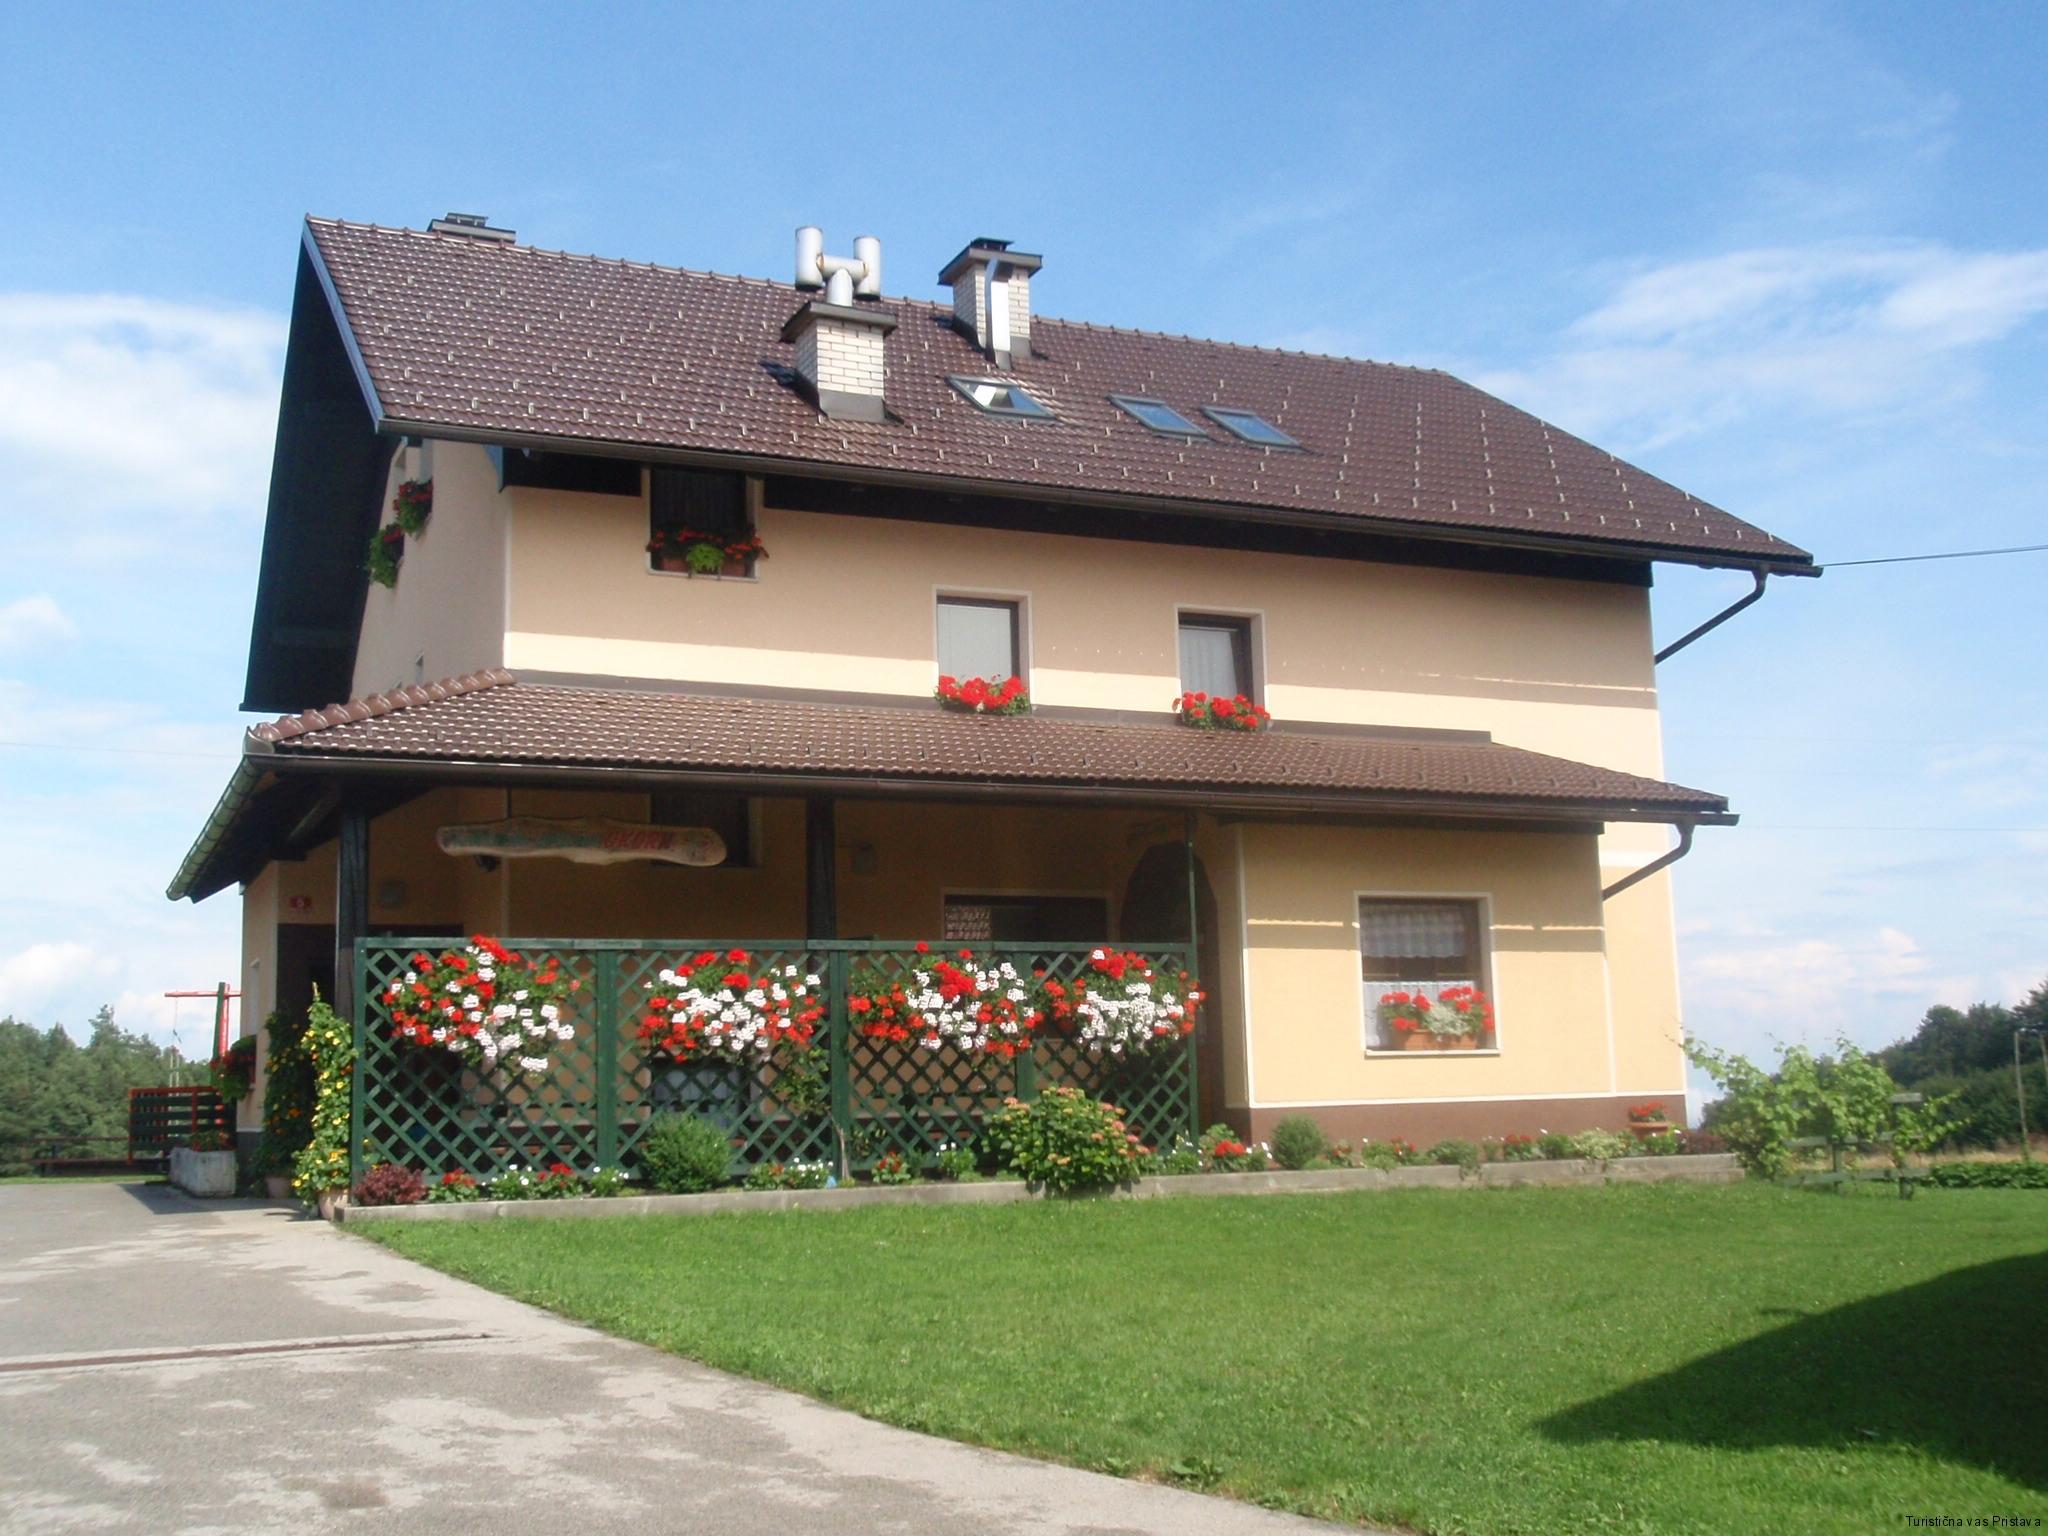 Zahodni del hiše Pr Okornu